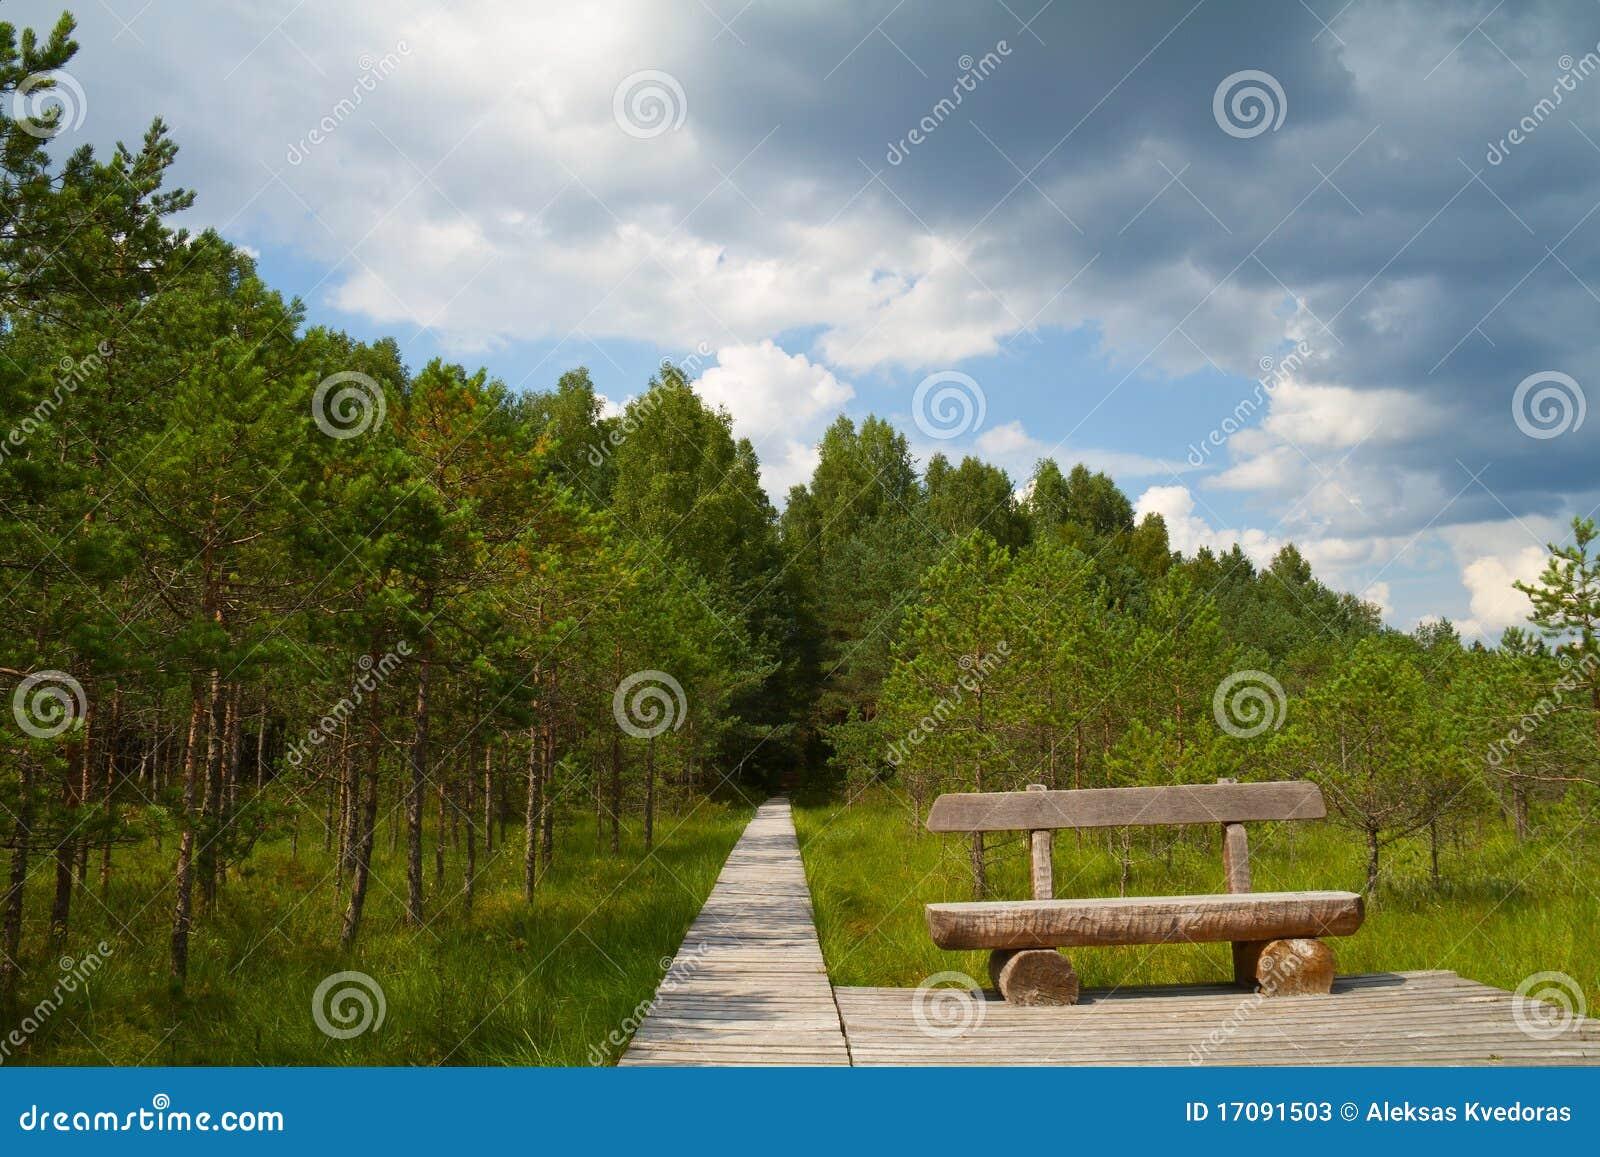 Waldpfad, eine Bank